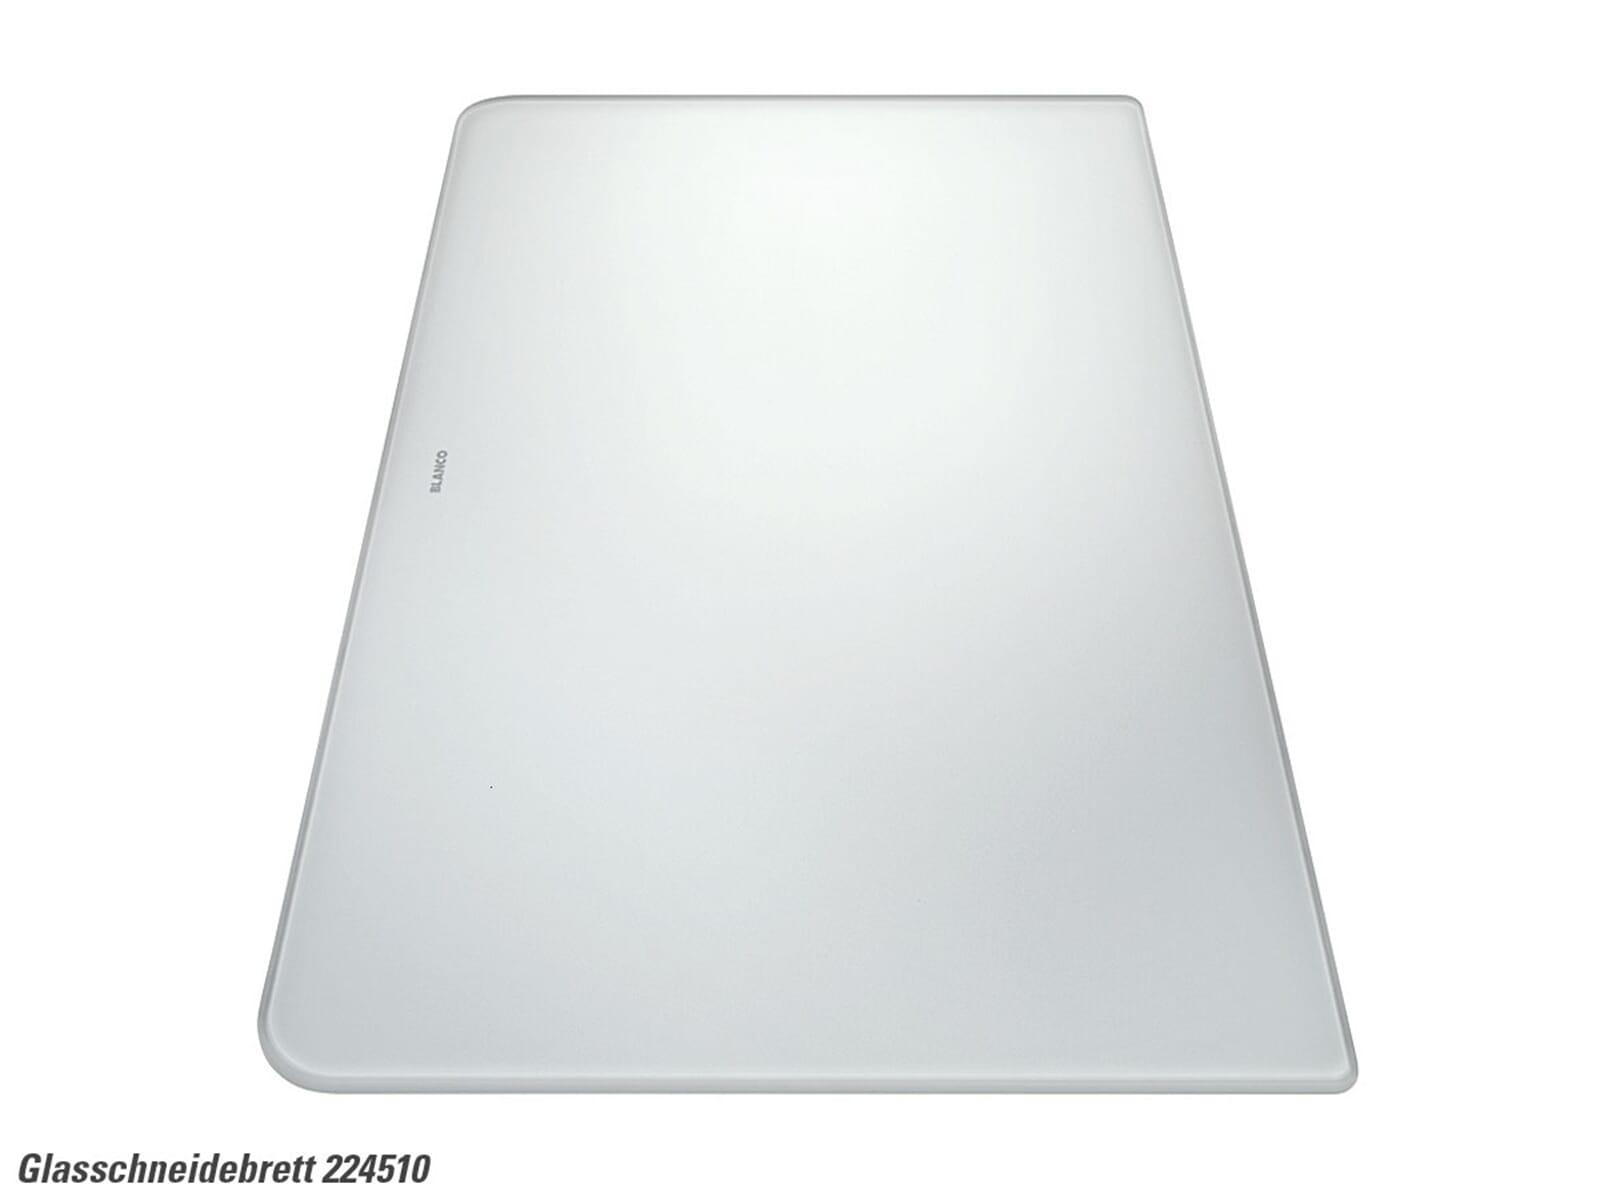 Blanco 224 510 Glasschneidebrett weiß